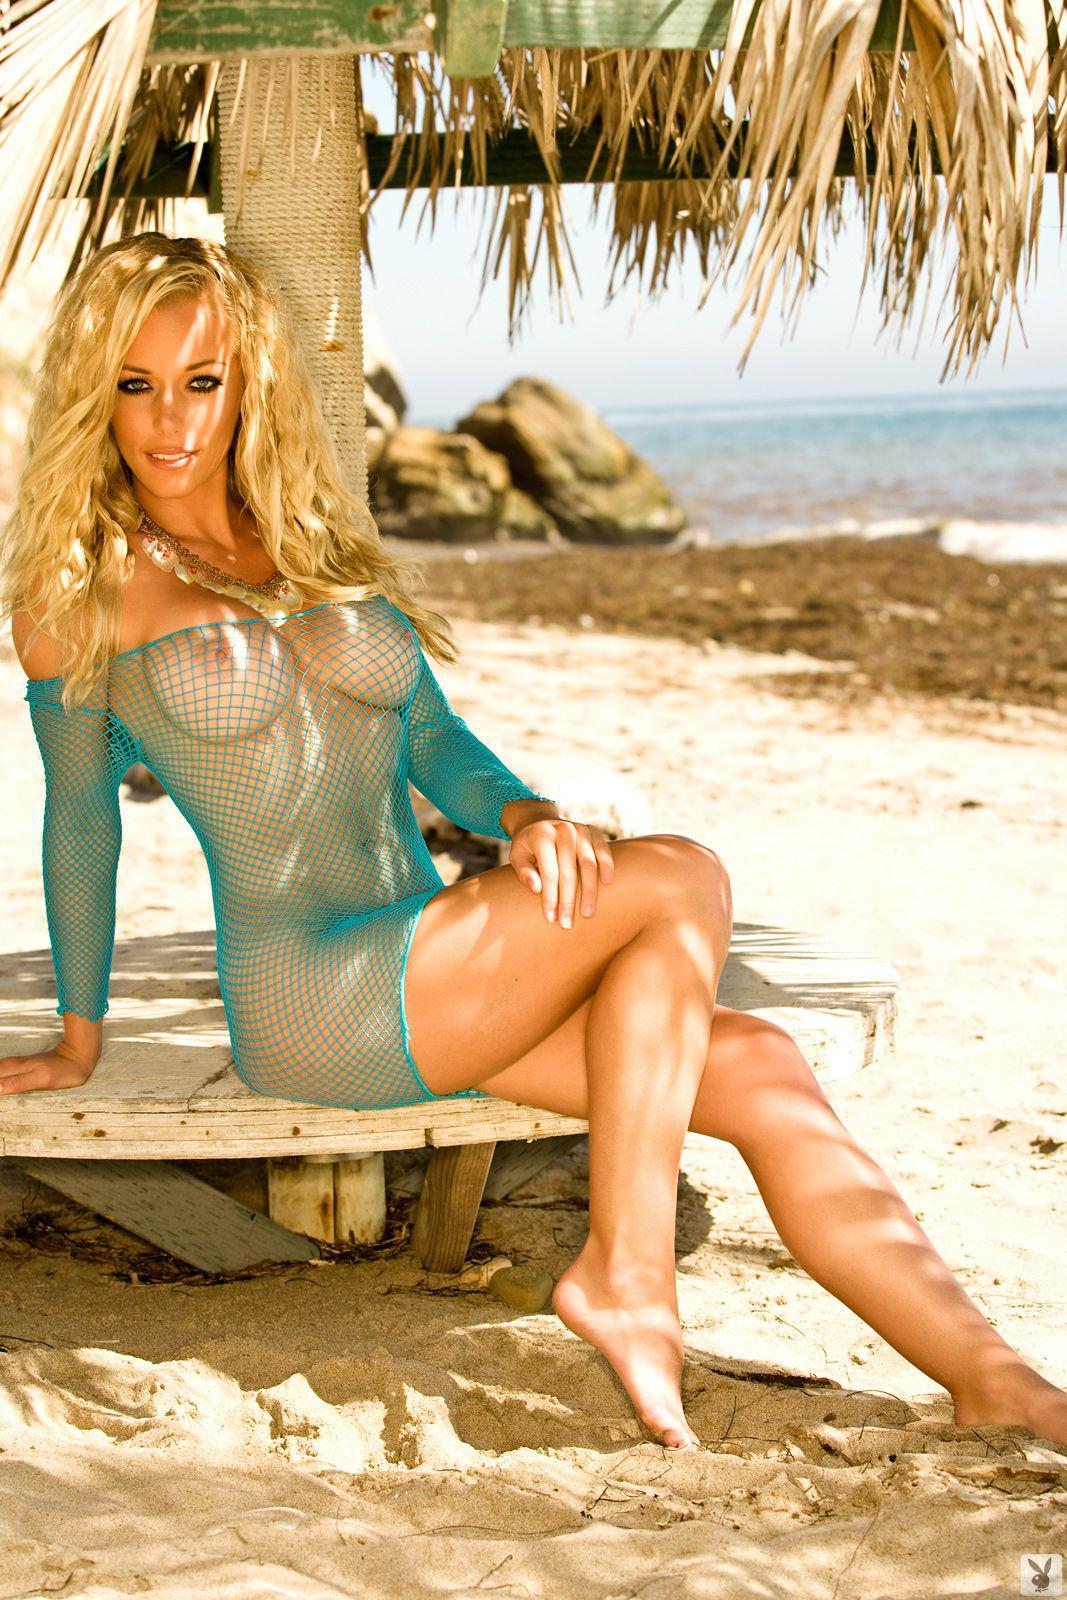 Holly madison kendra wilkinson bridget marquardt nude